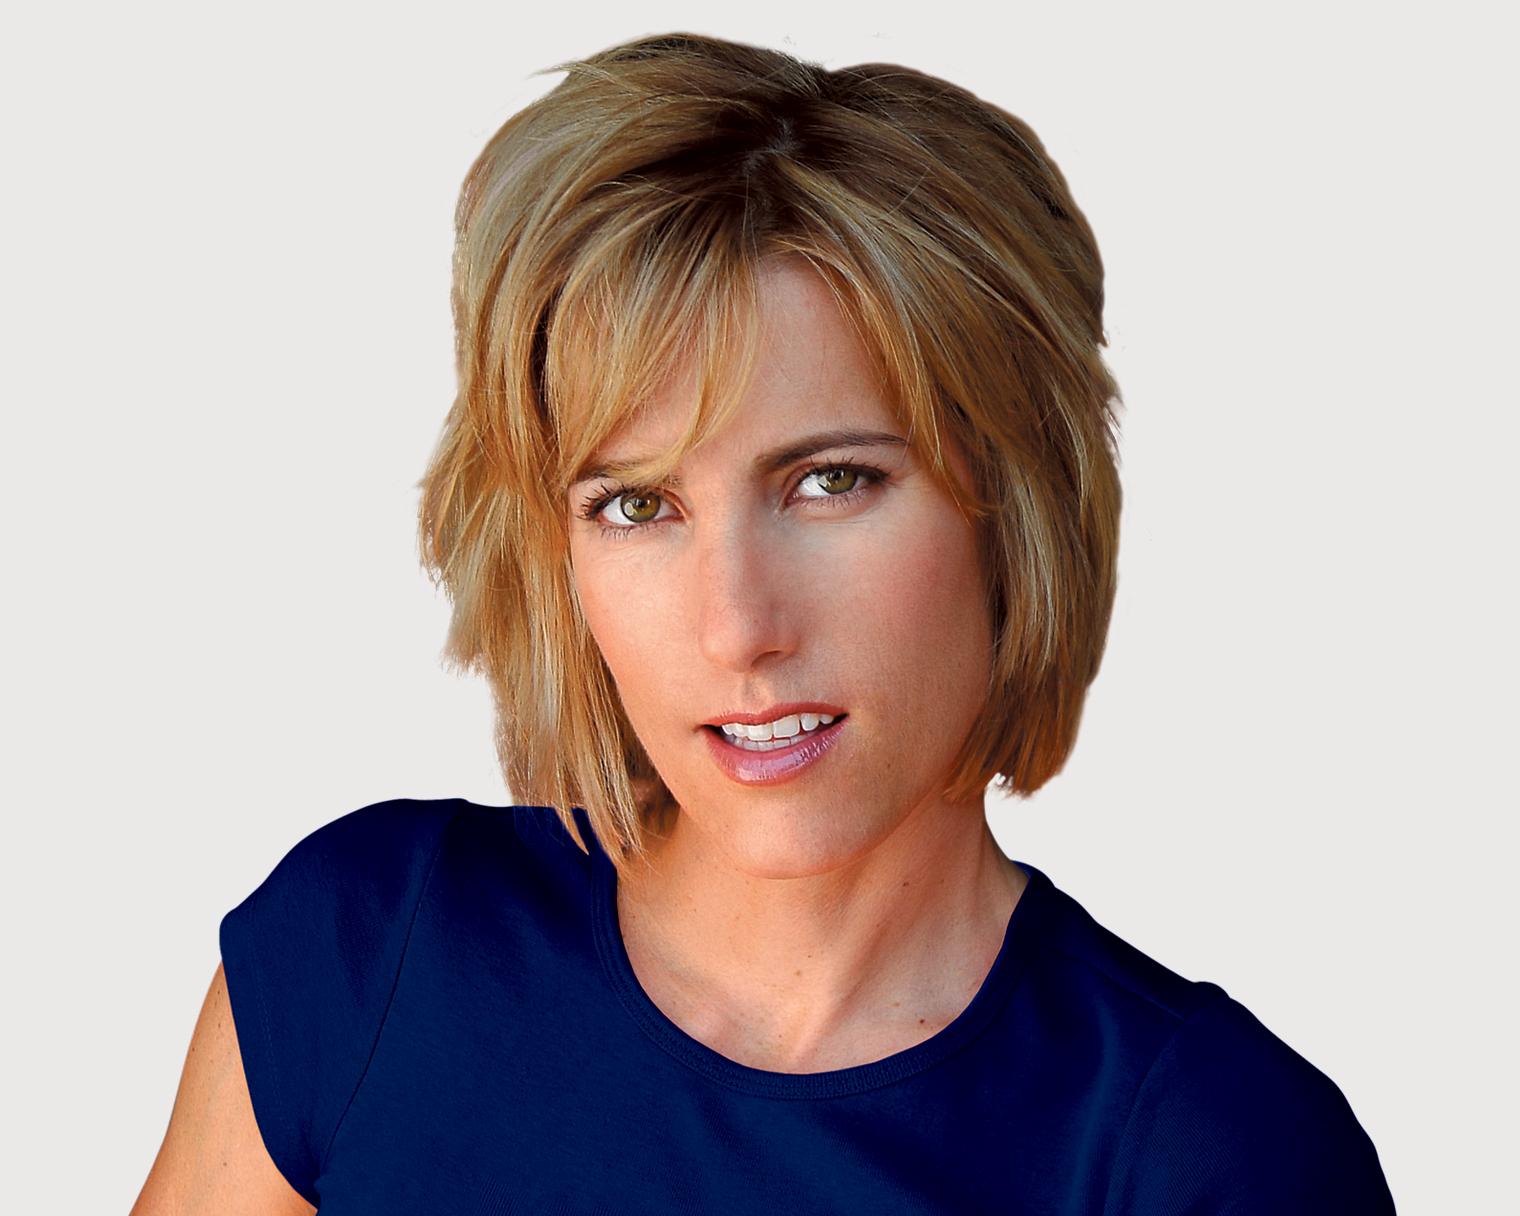 Laura Ingraham - Alchetron, The Free Social Encyclopedia